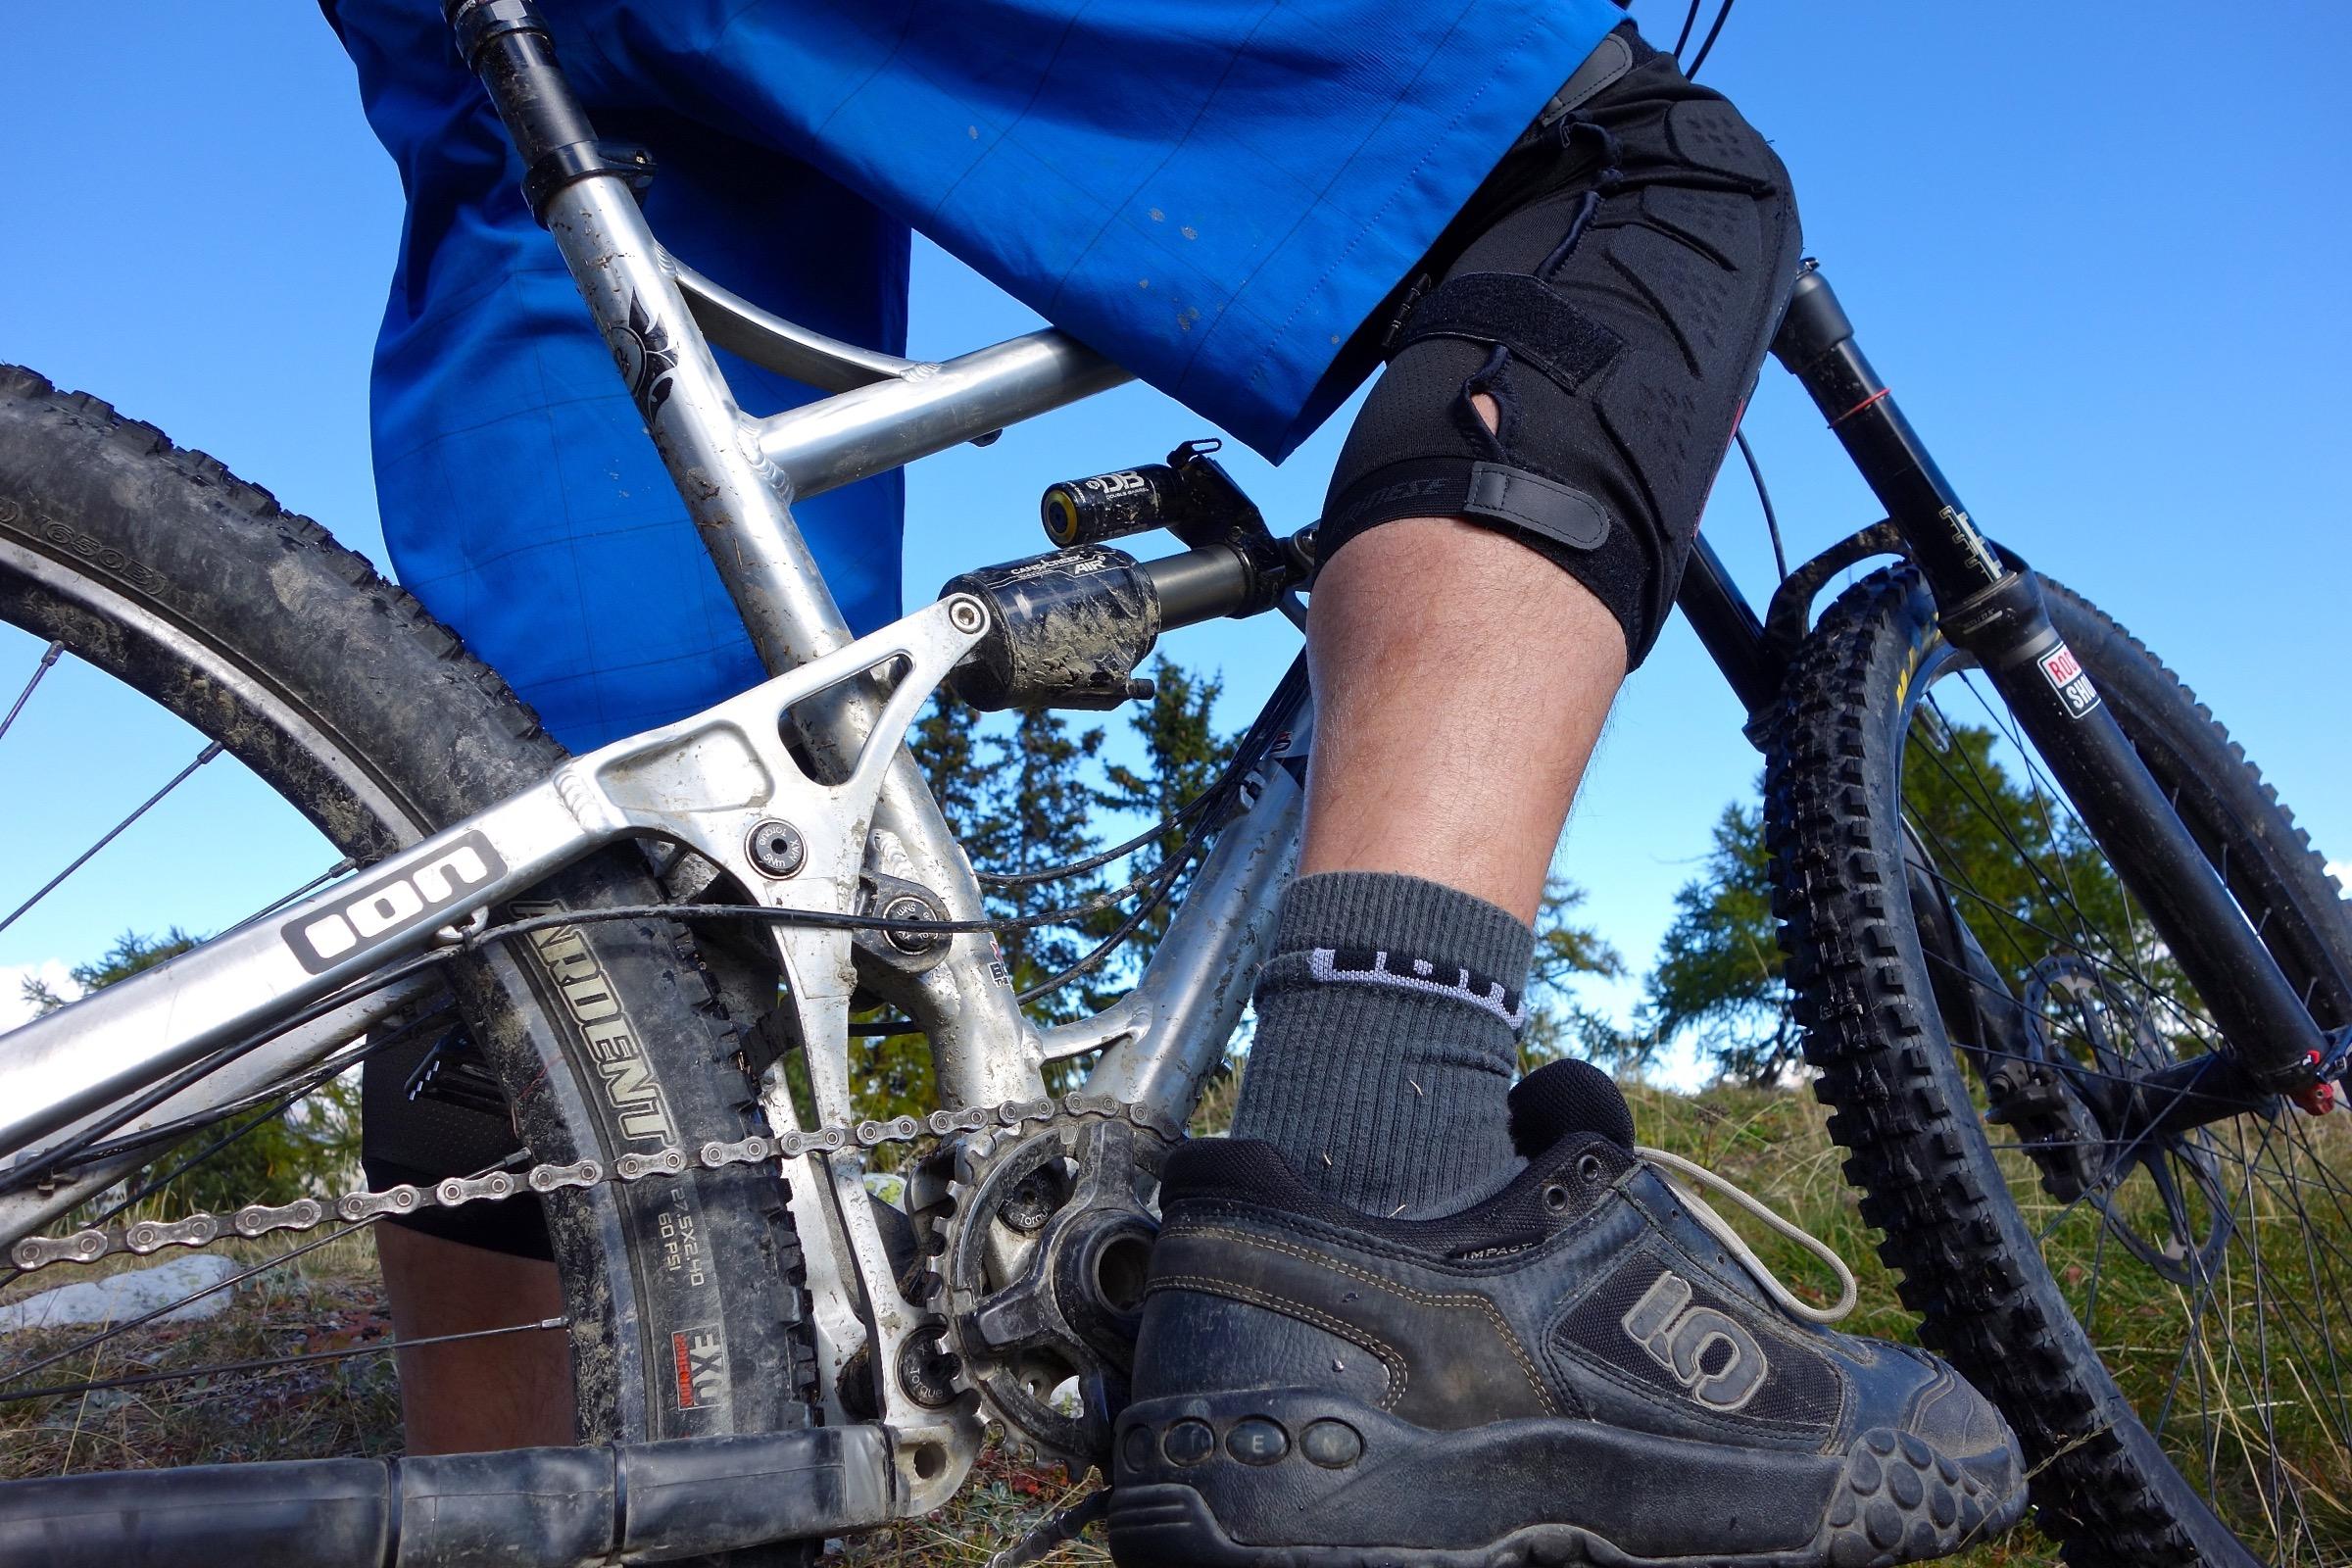 dainese schoner hybrid knie schienbein mtb